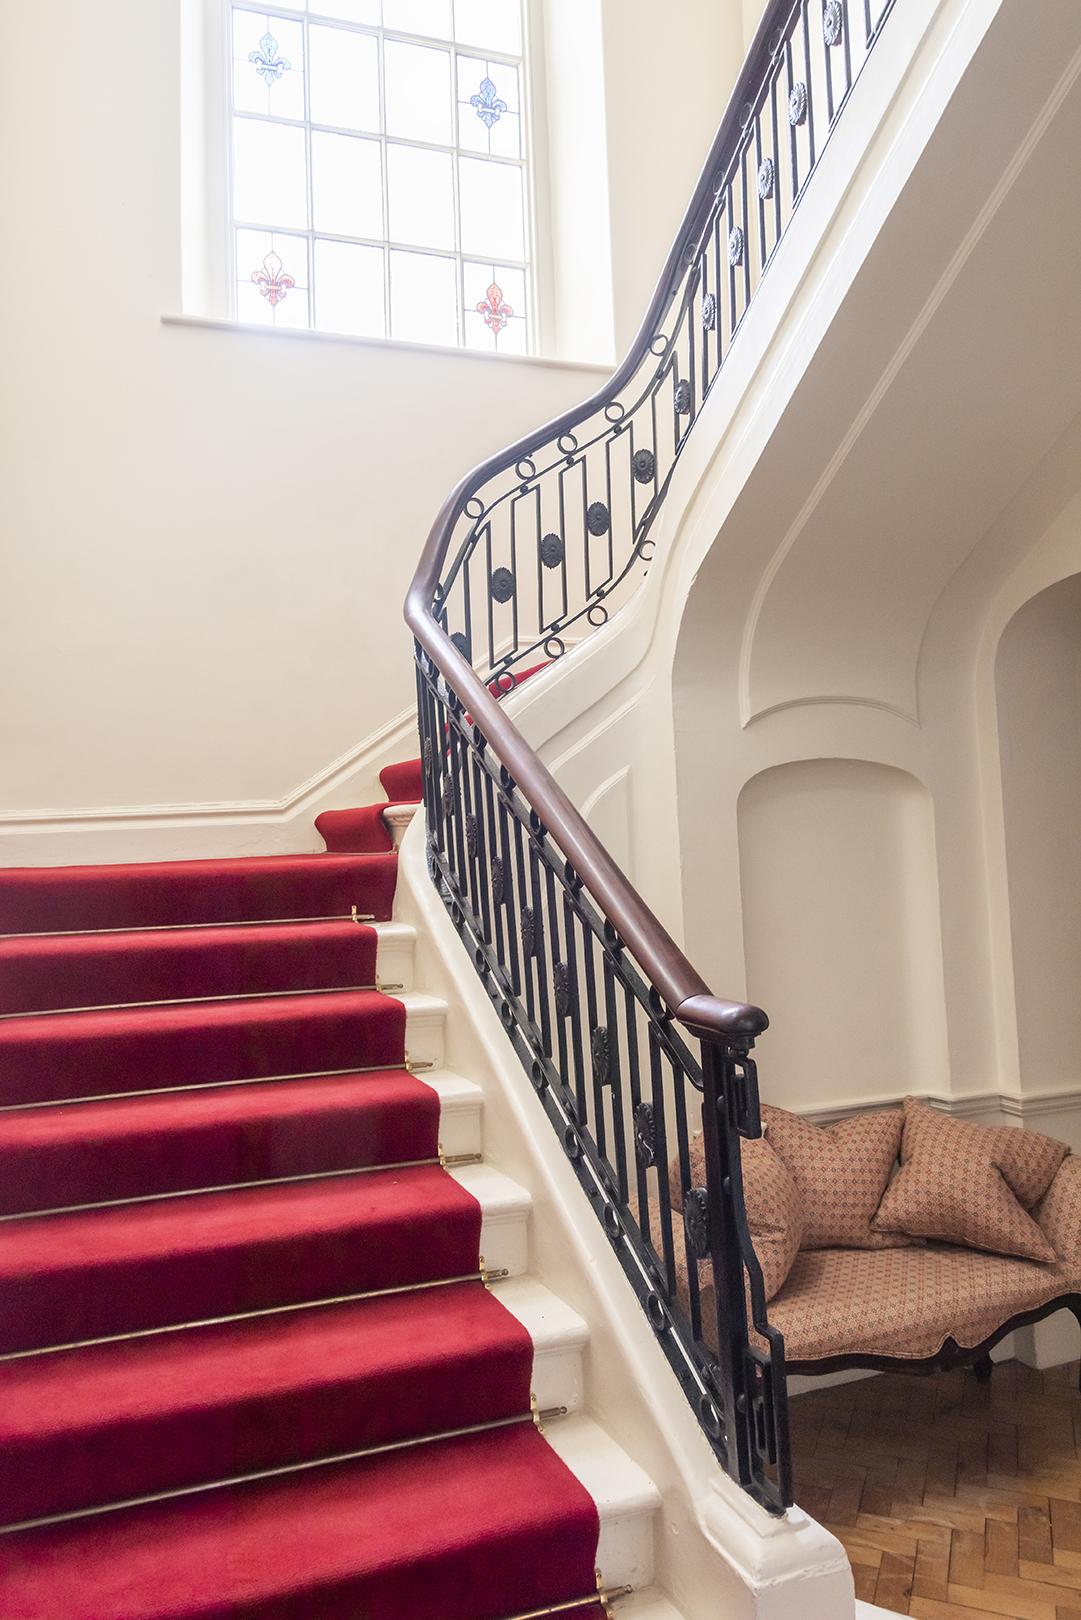 polurrian staircase.jpg